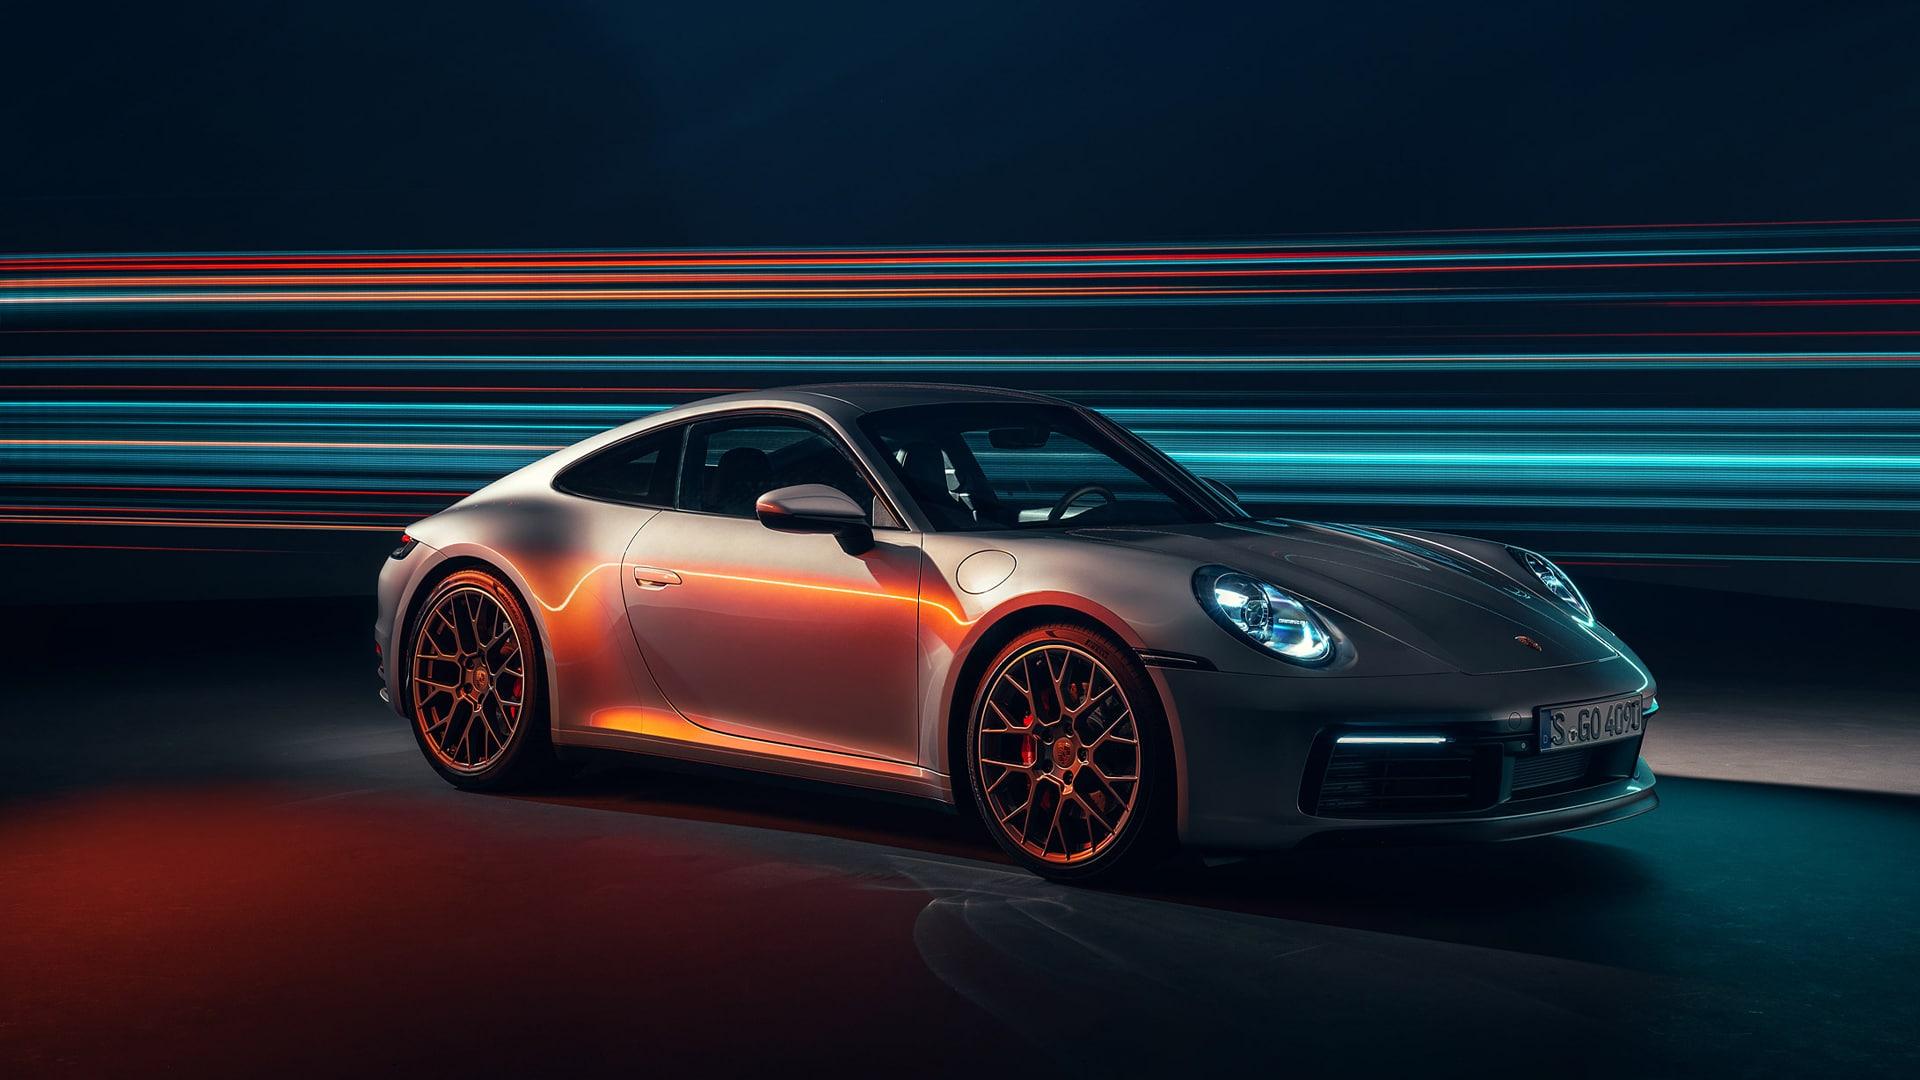 Porsche-hero-project